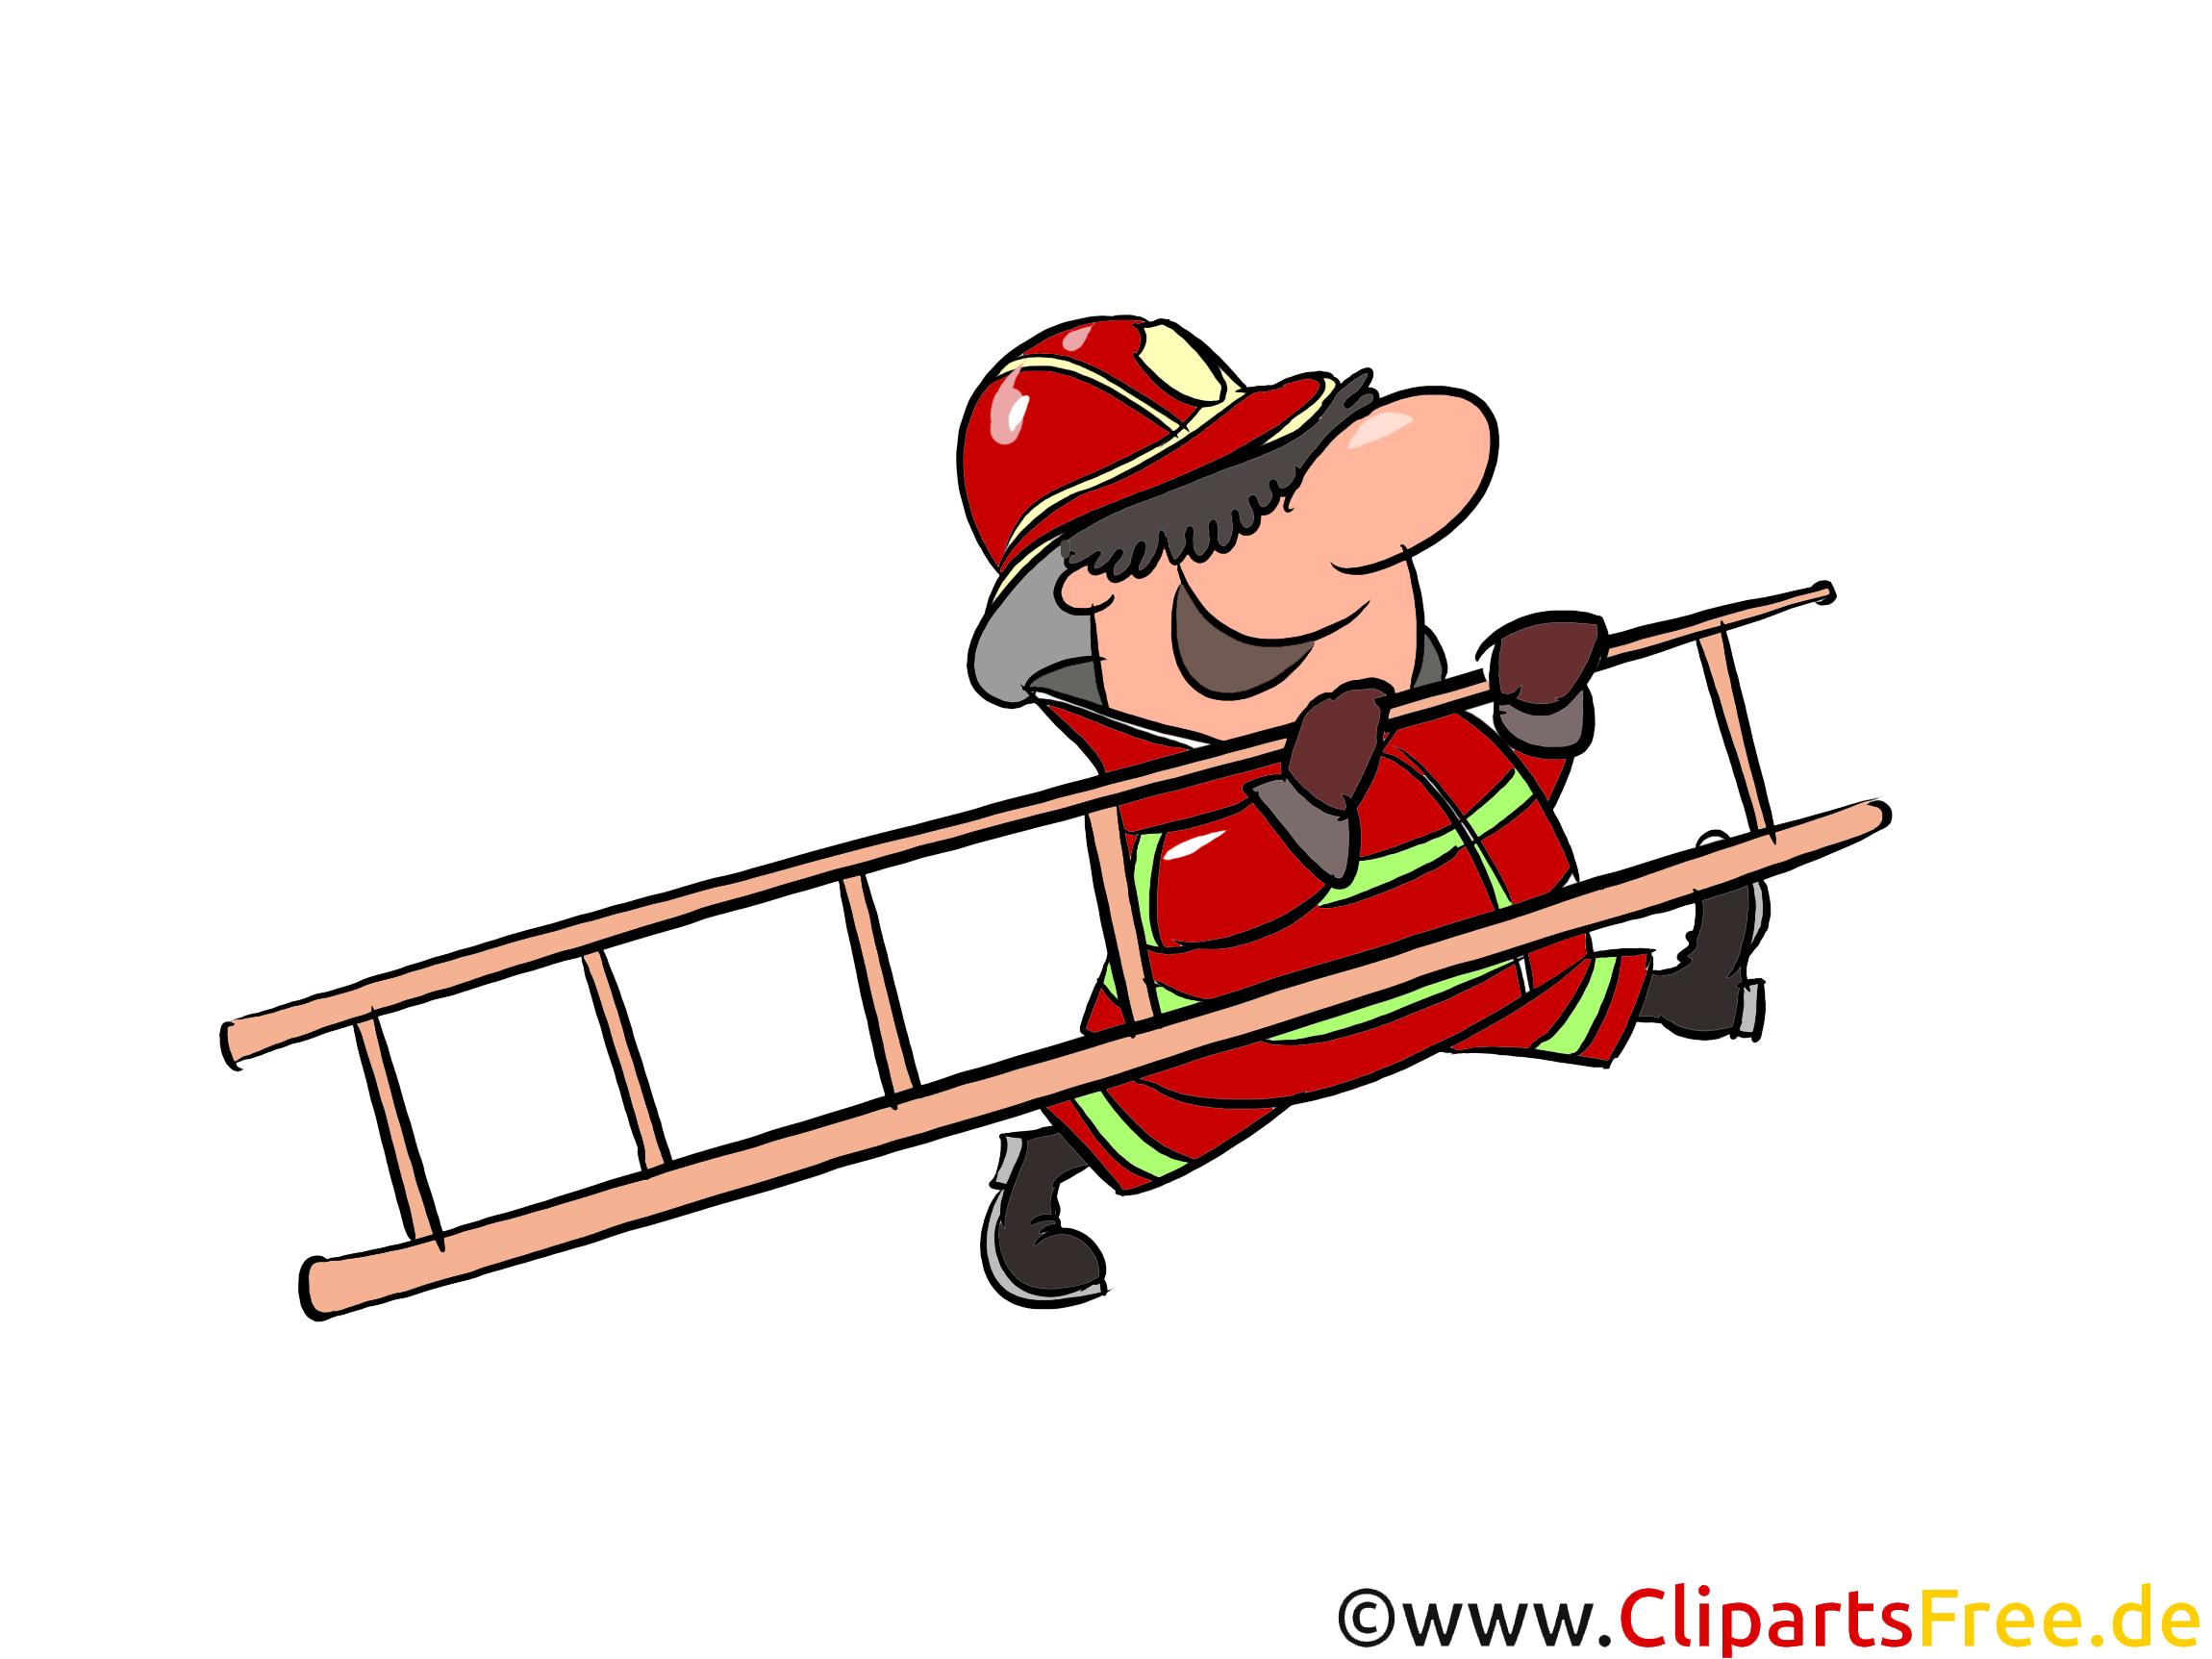 はしごのイラスト、クリップアート、絵の消防士男